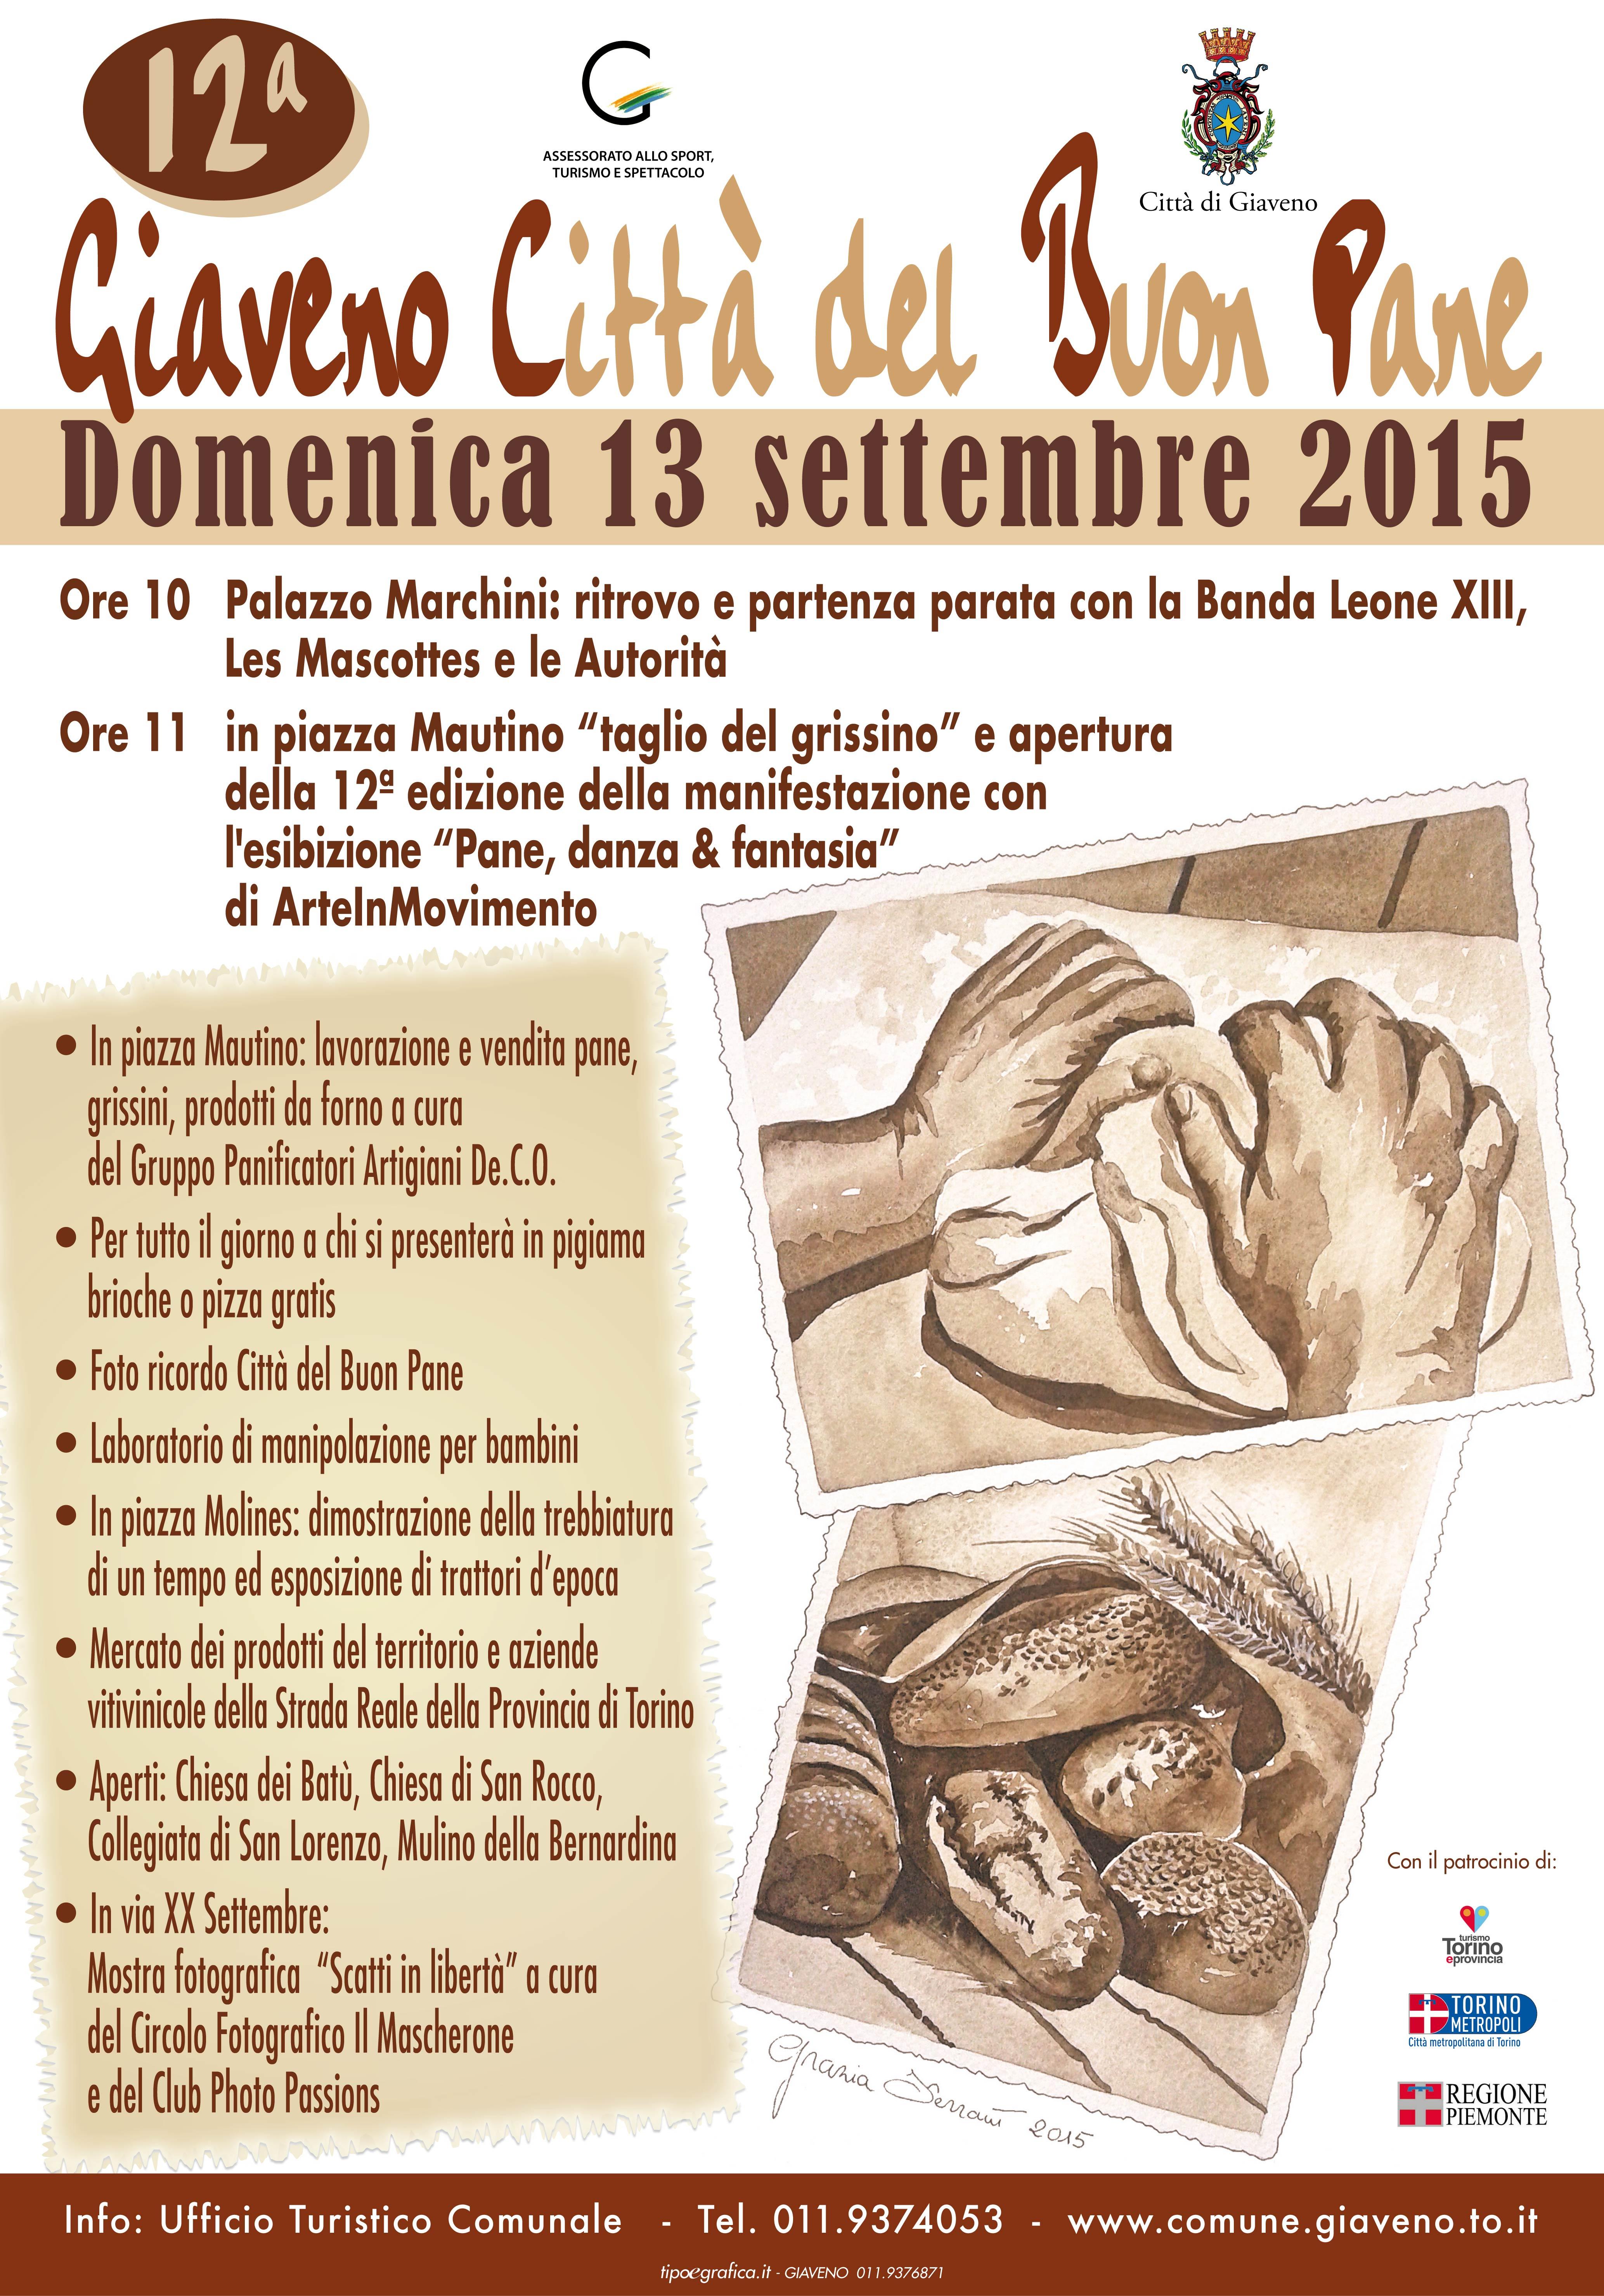 Giaveno Città del Buon Pane – domenica 13 Settembre 2015